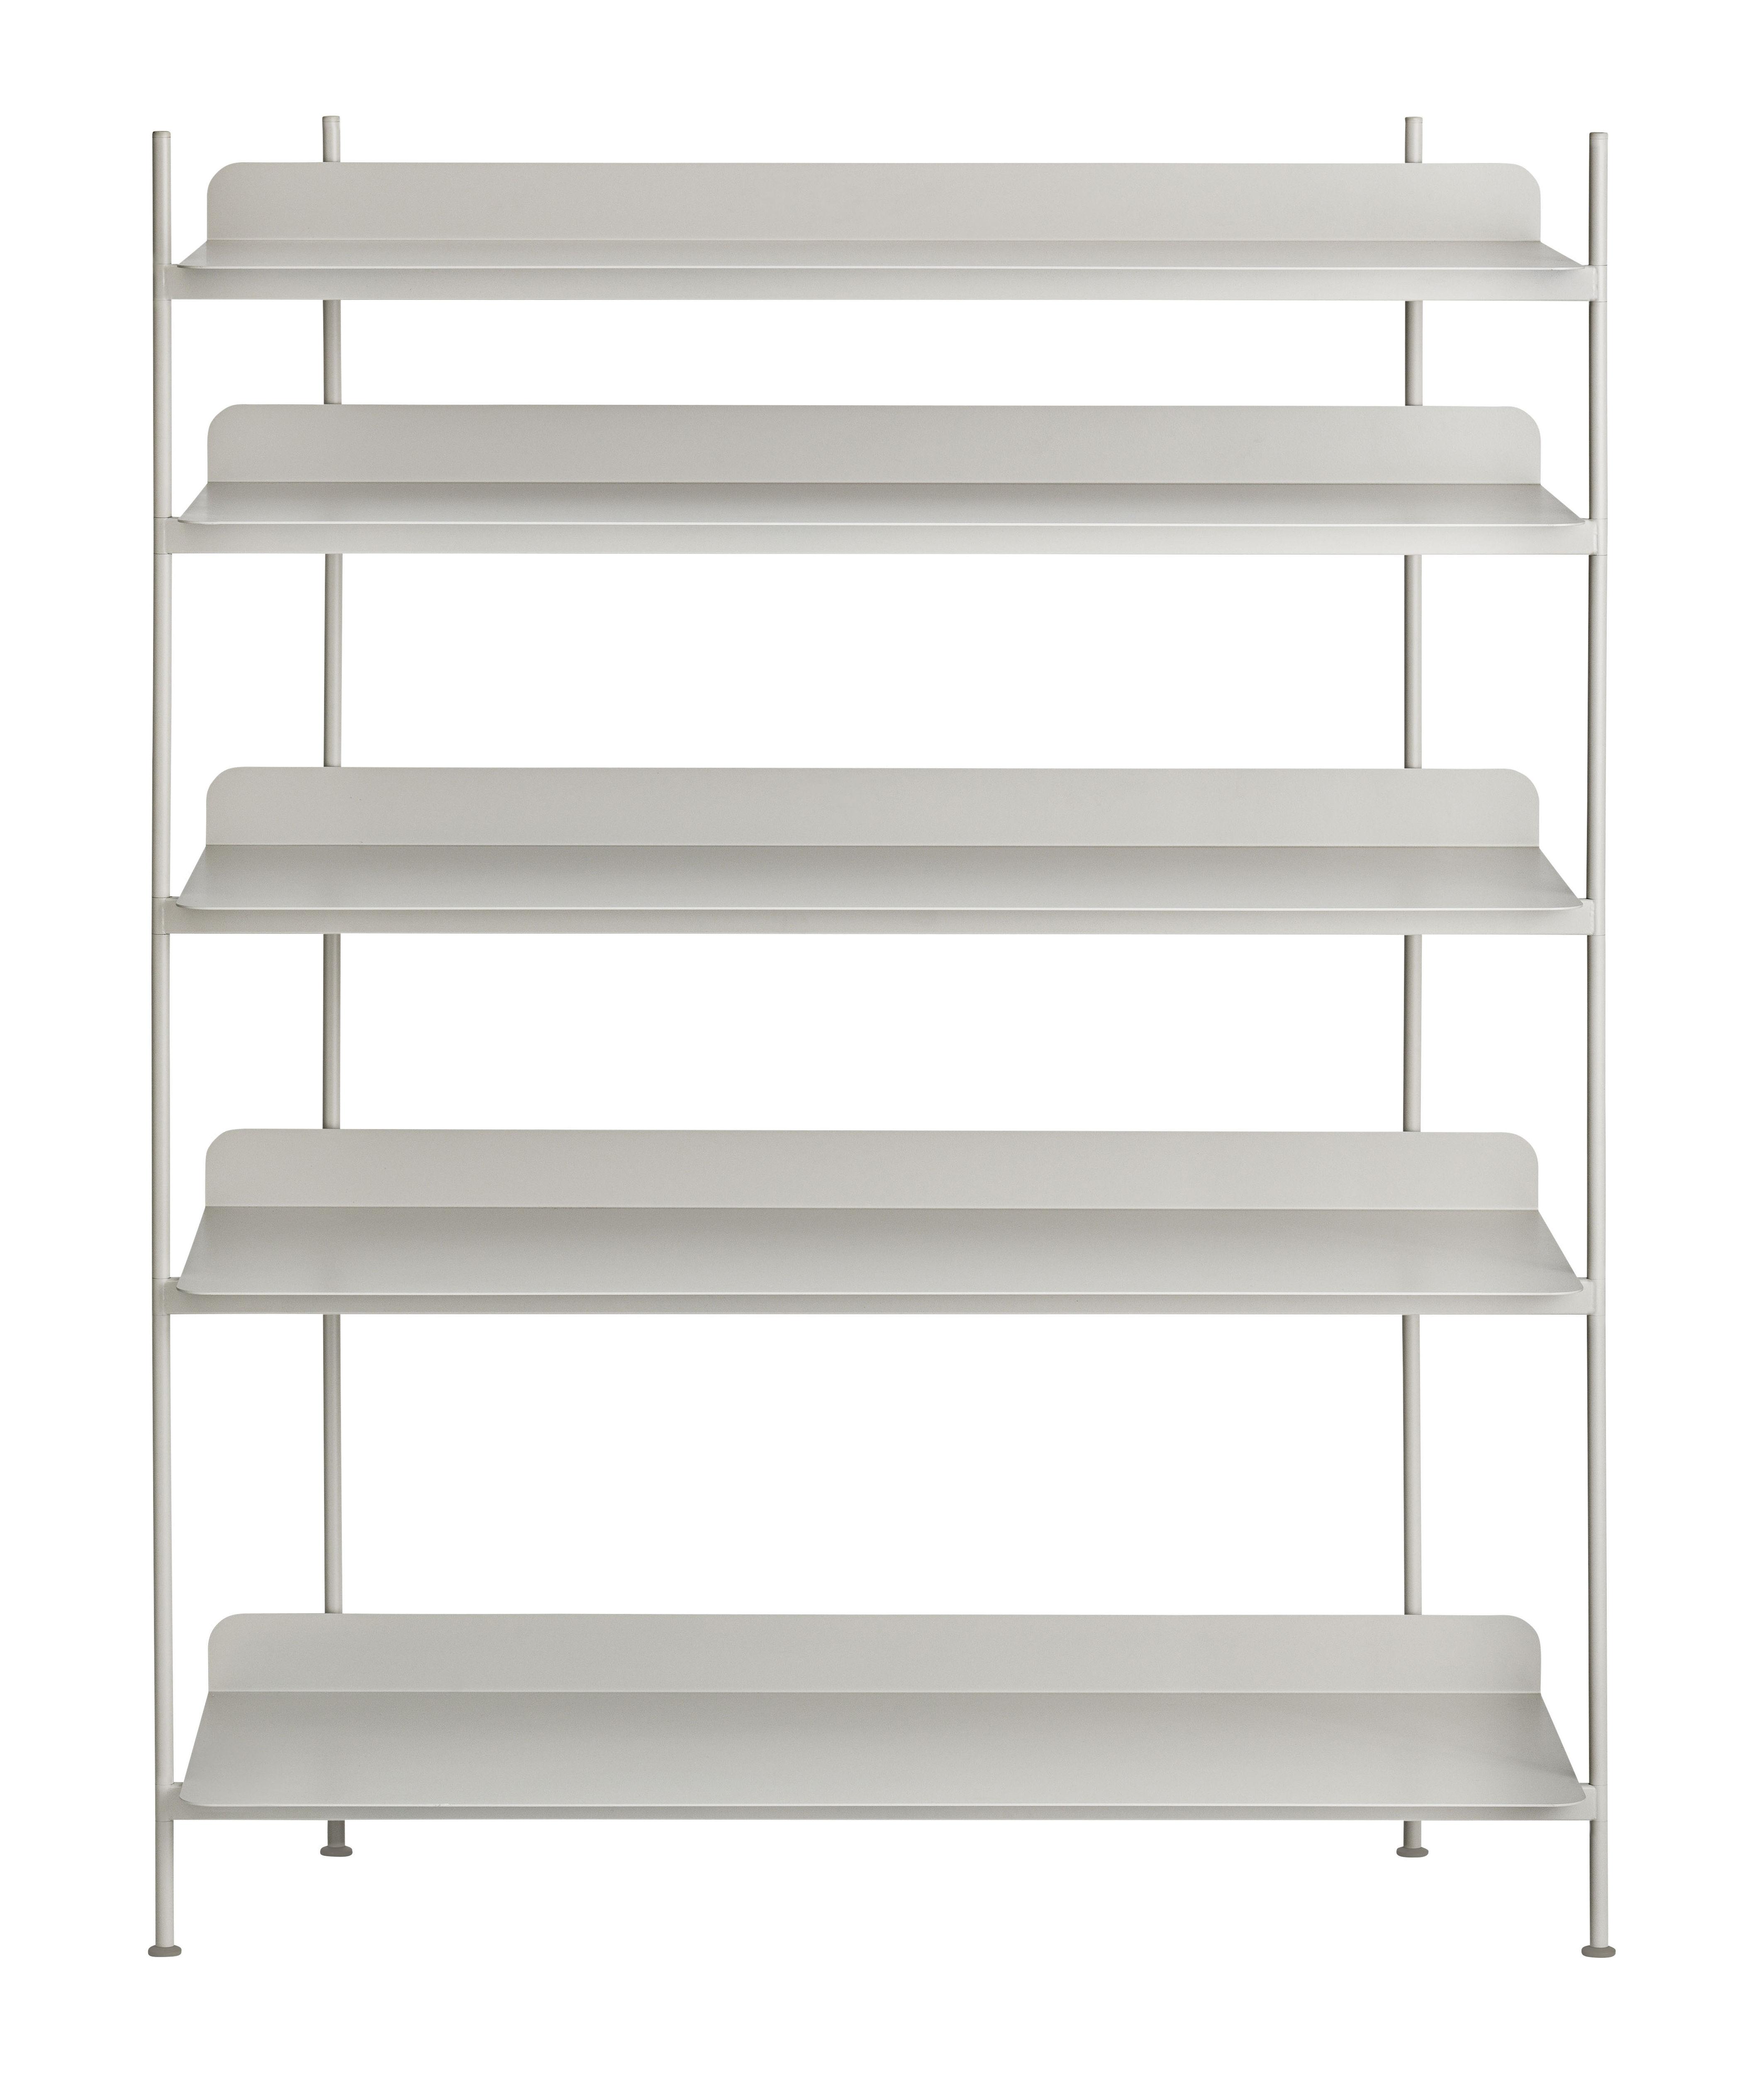 etag re compile m tal l 120 cm x h 136 6 cm gris muuto. Black Bedroom Furniture Sets. Home Design Ideas